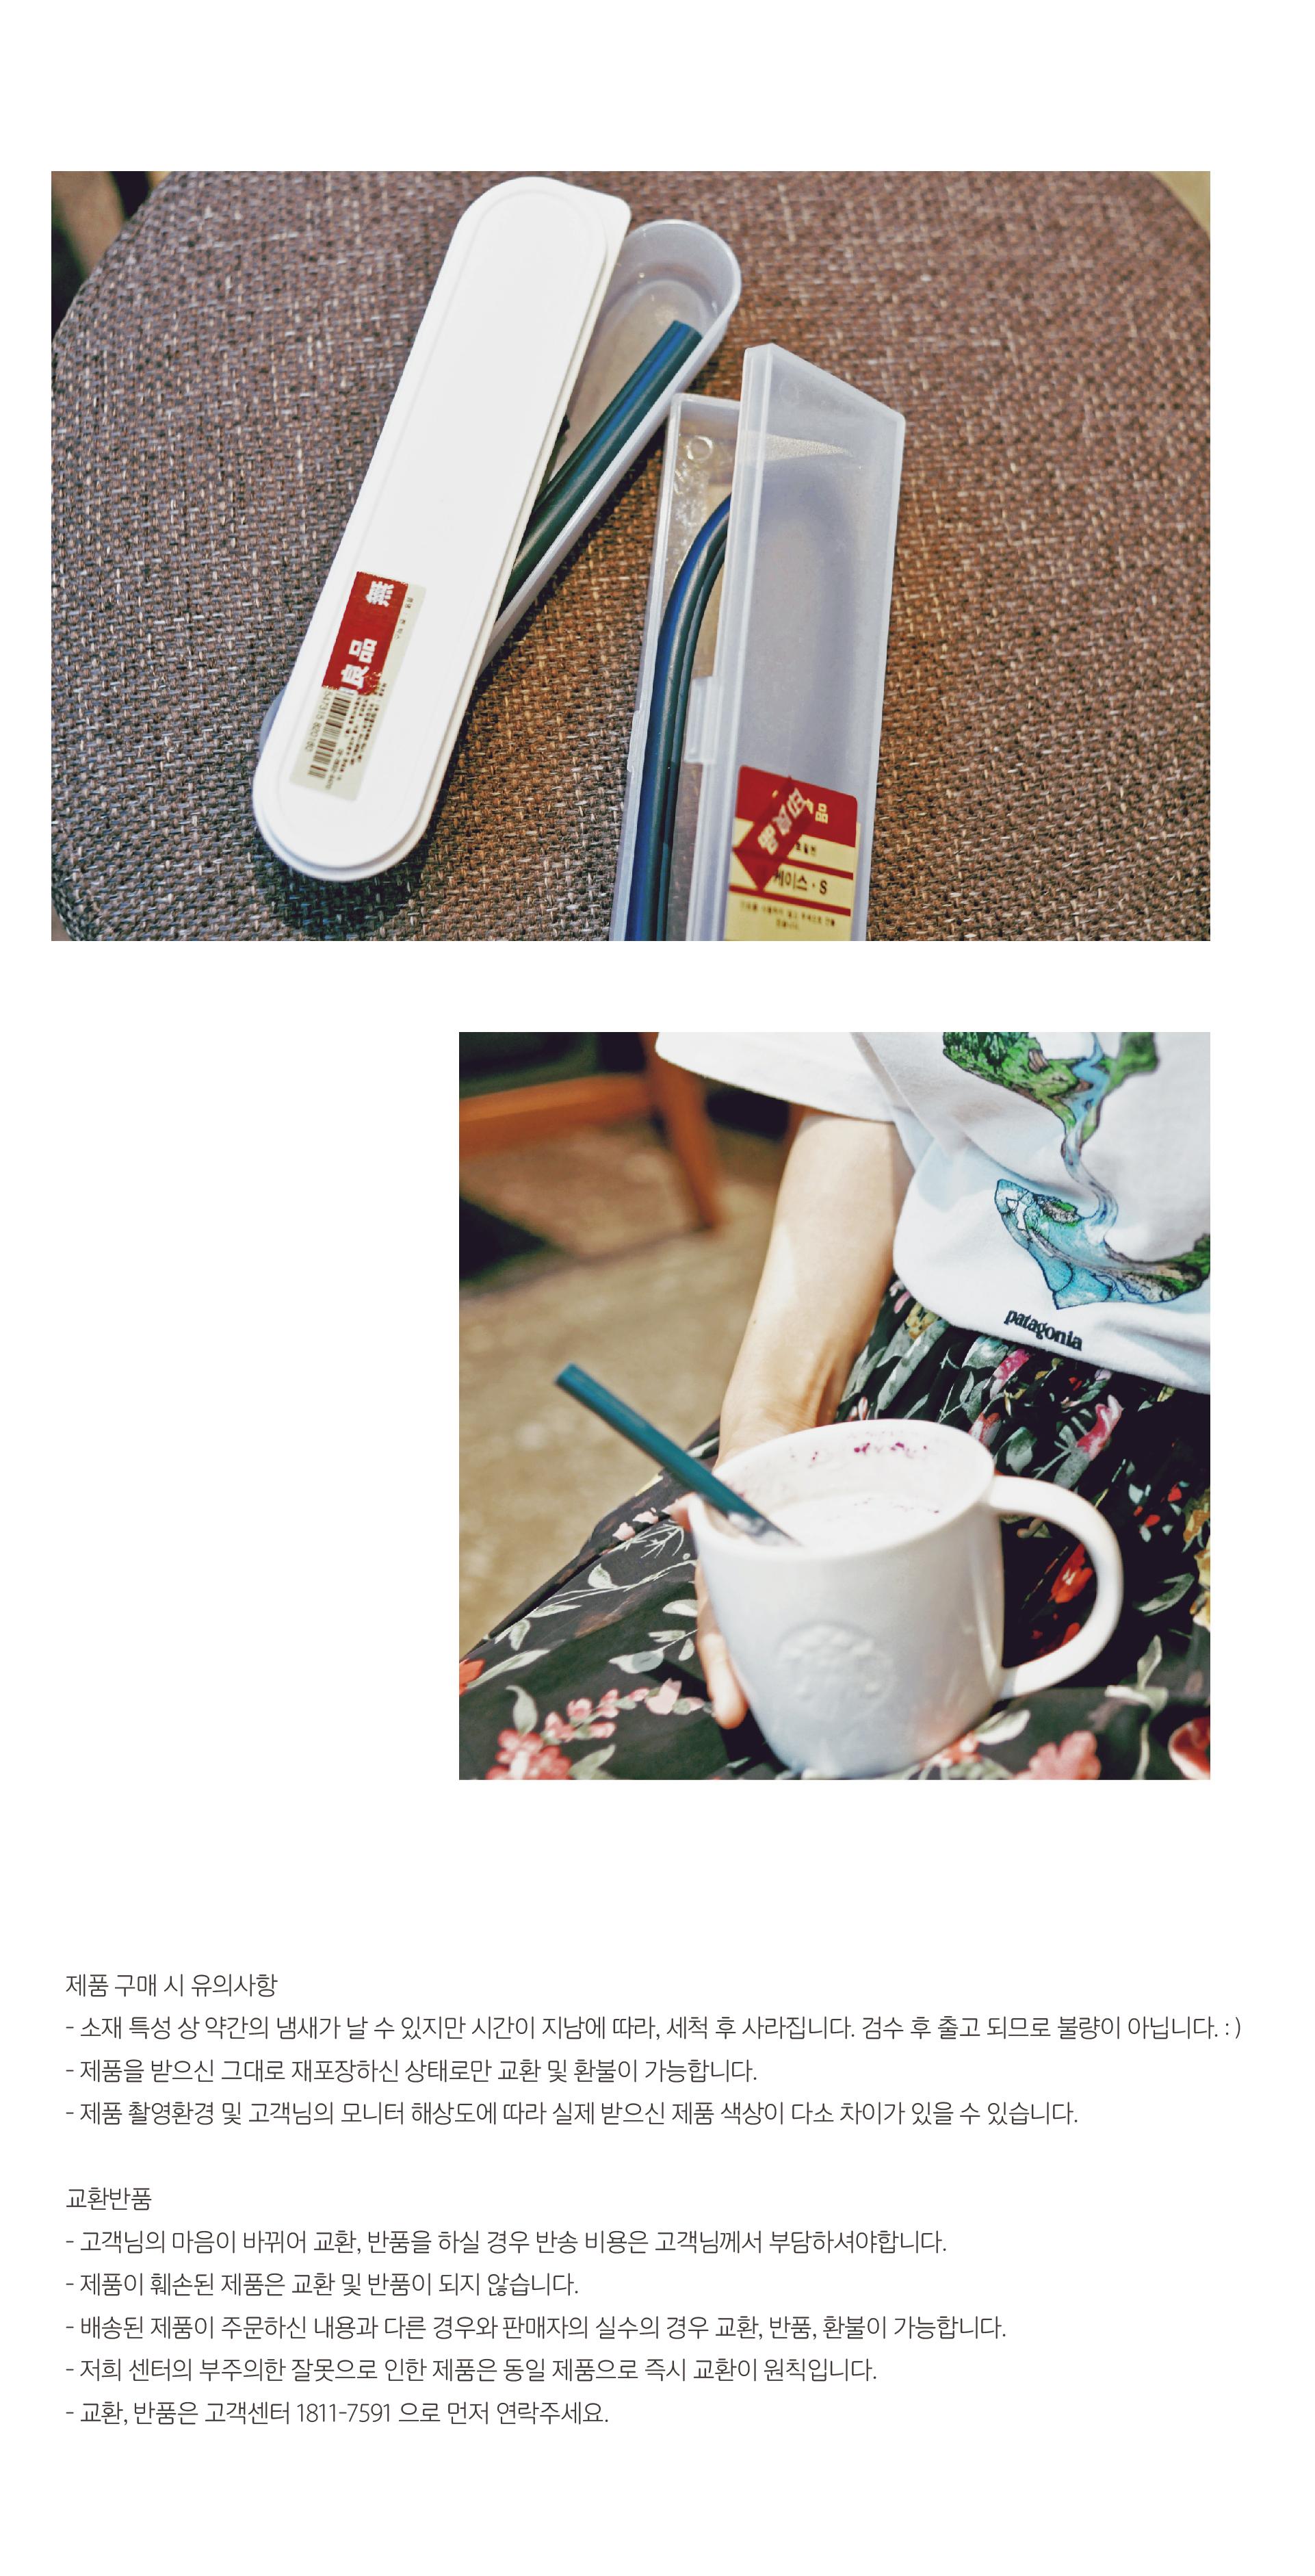 세척솔이 필요없는 개방형 재사용 실리콘 빨대 - 에이비라이프, 1,900원, 주방소품, 주방 소모품